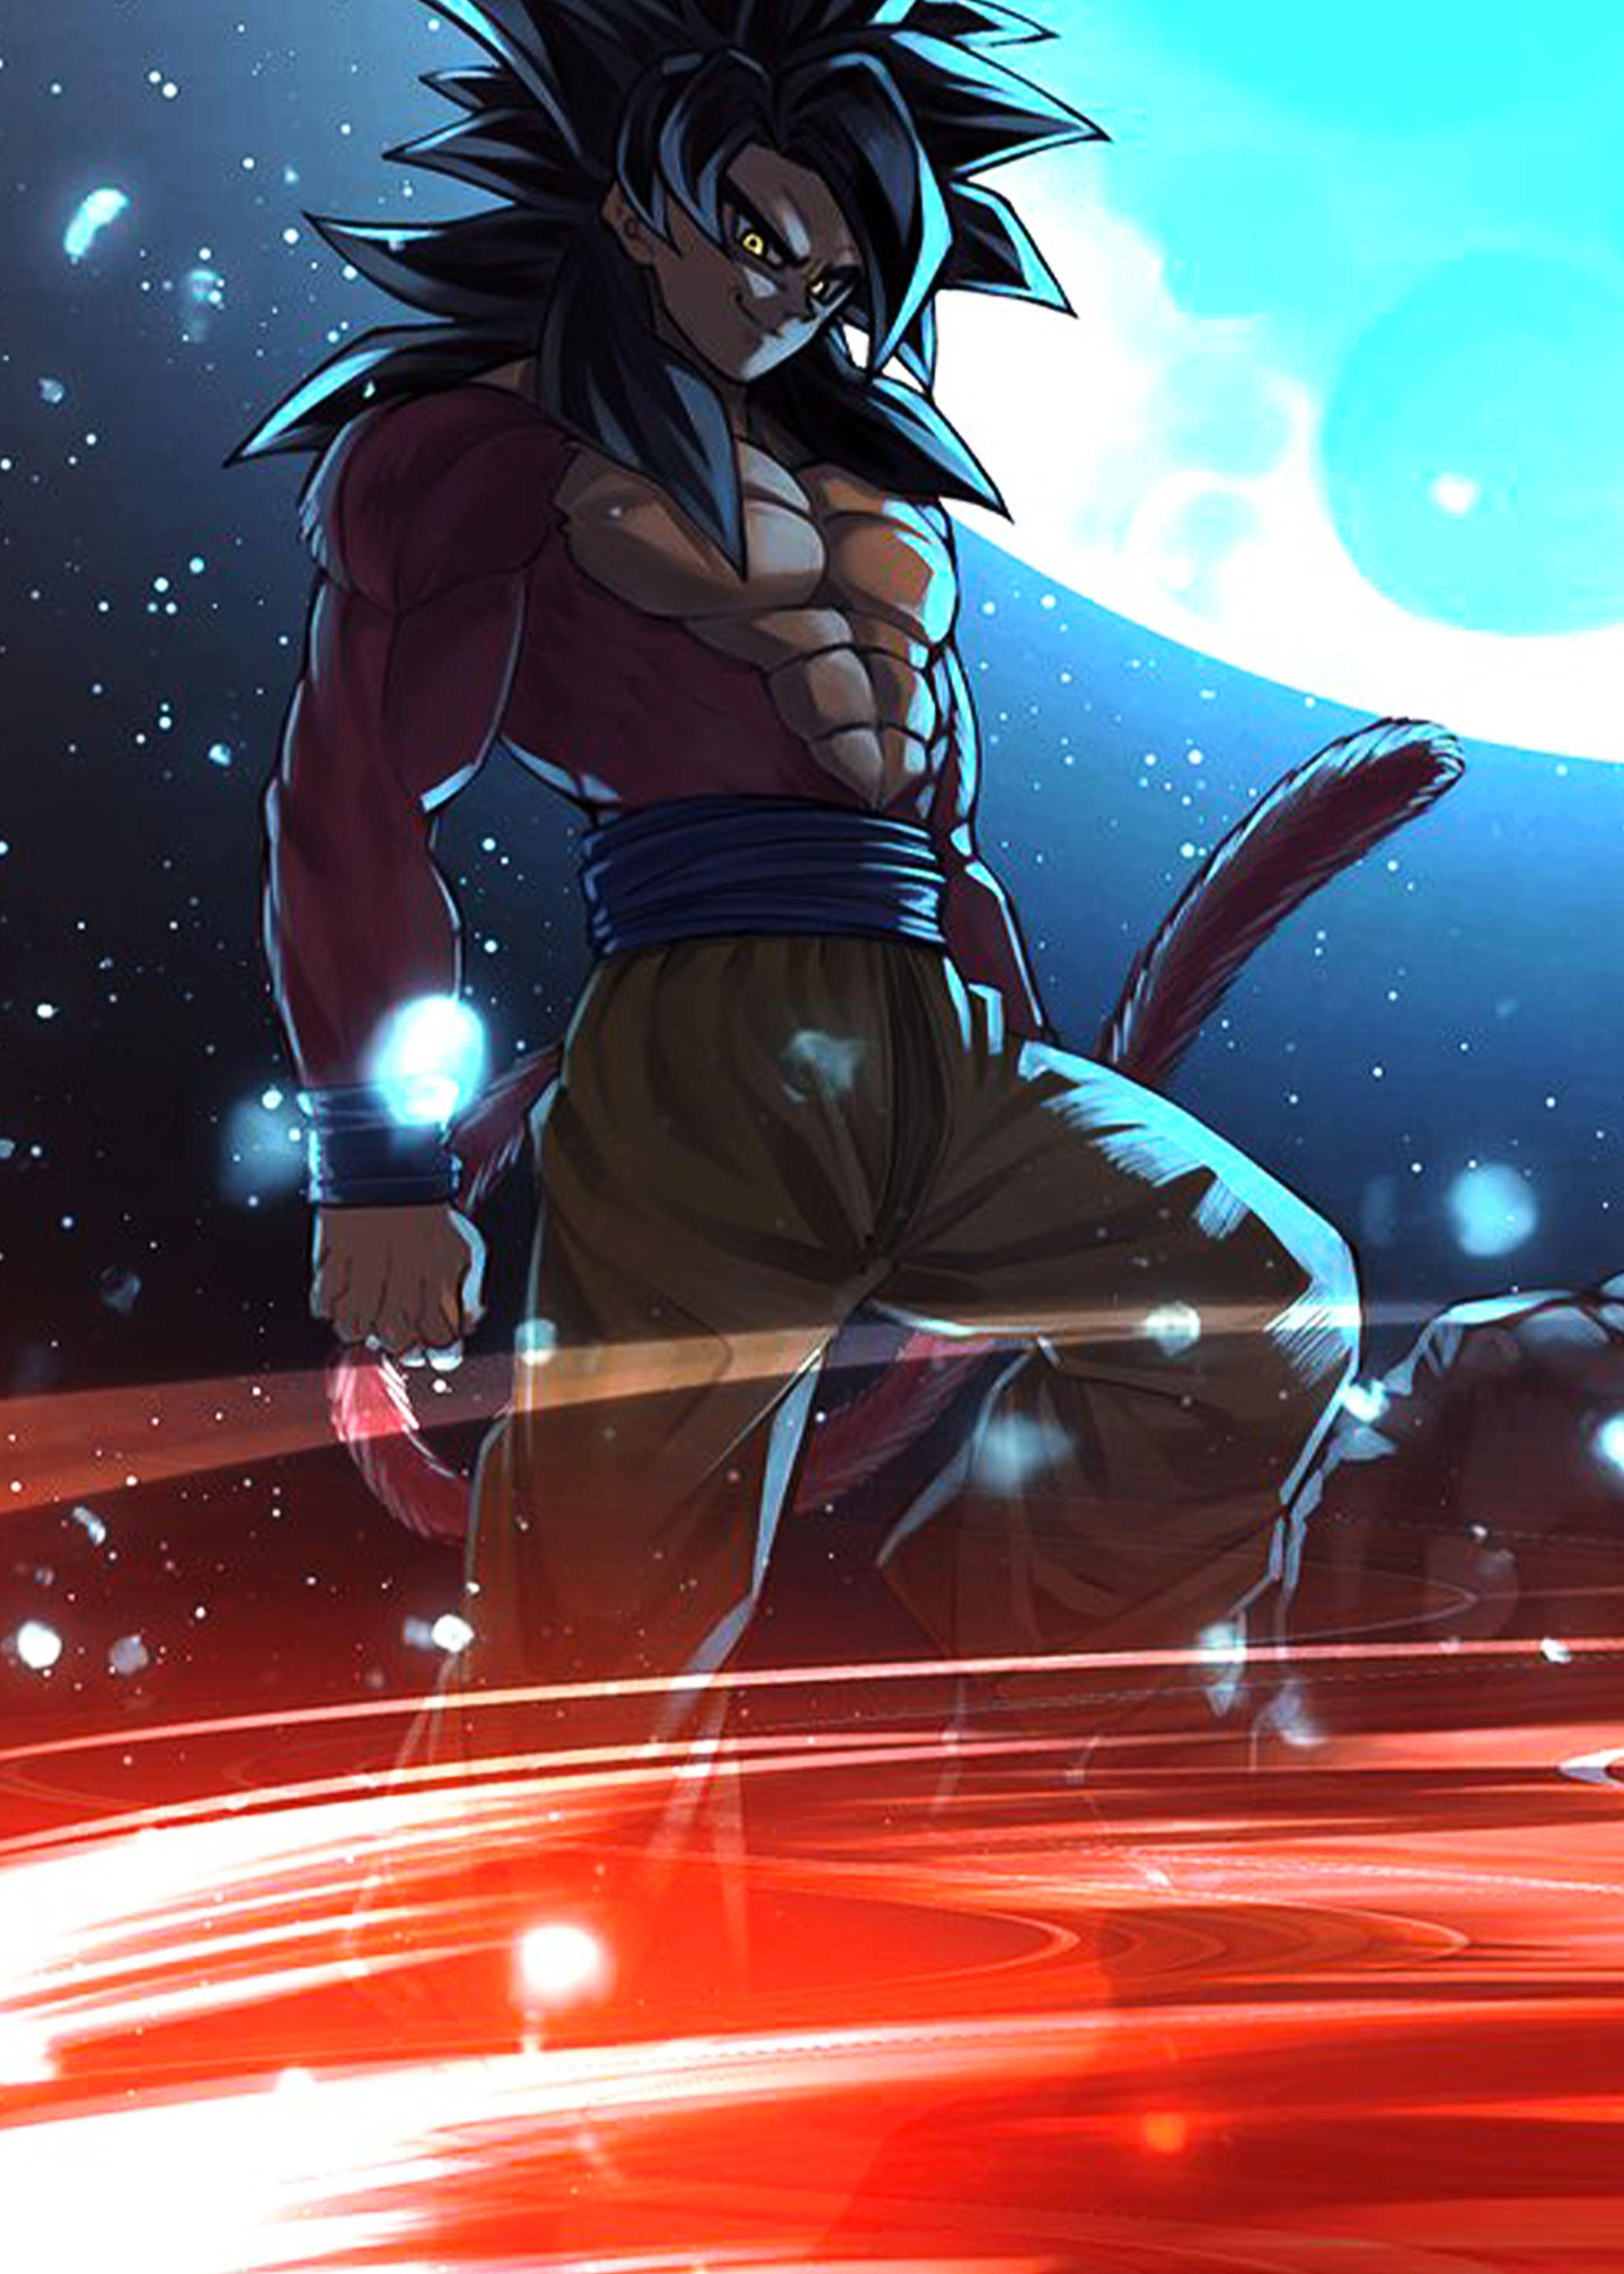 Goku Dragon Ball Super Saiyan 4 Anime Dragon Ball Super Dragon Ball Super Goku Anime Dragon Ball Goku